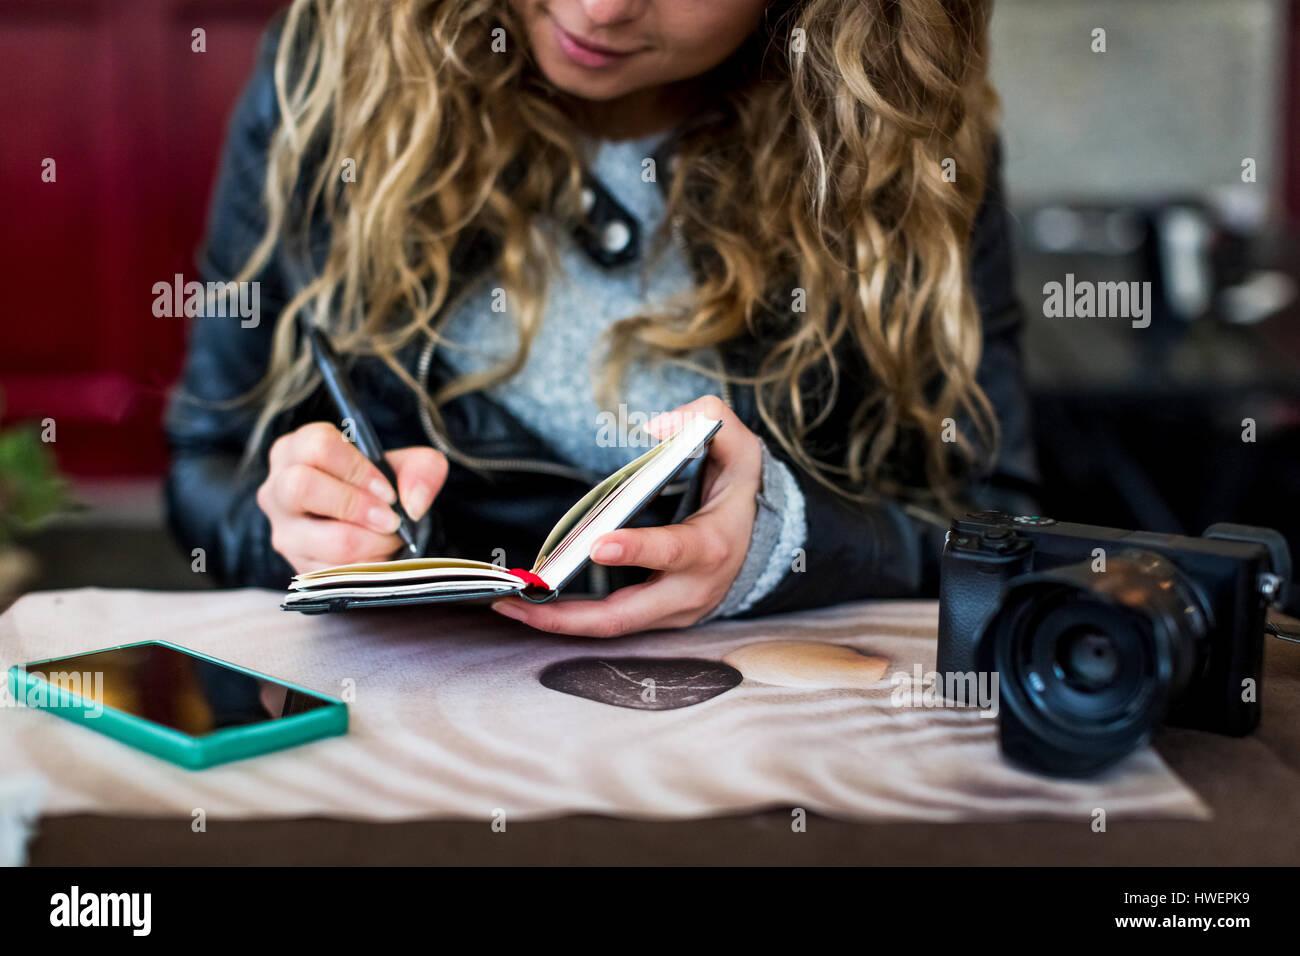 Woman at cafe écrit dans l'ordinateur portable Banque D'Images